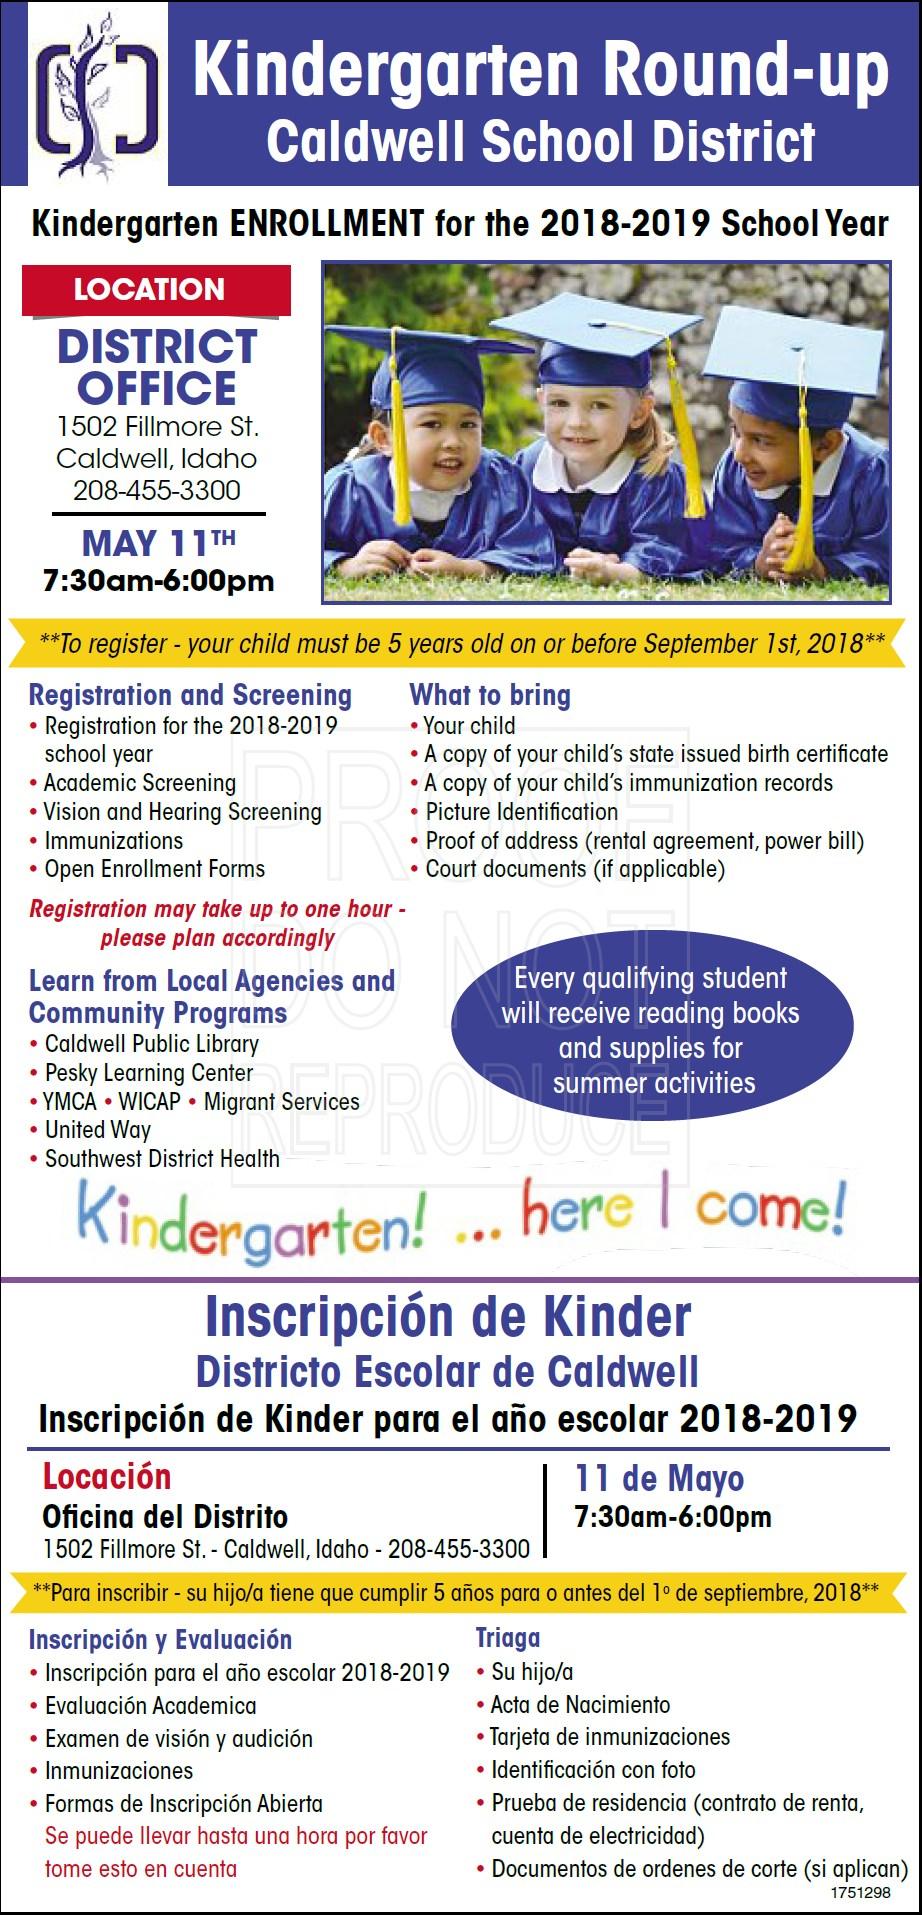 Kindergarten Round-up Inscripción de Kinder